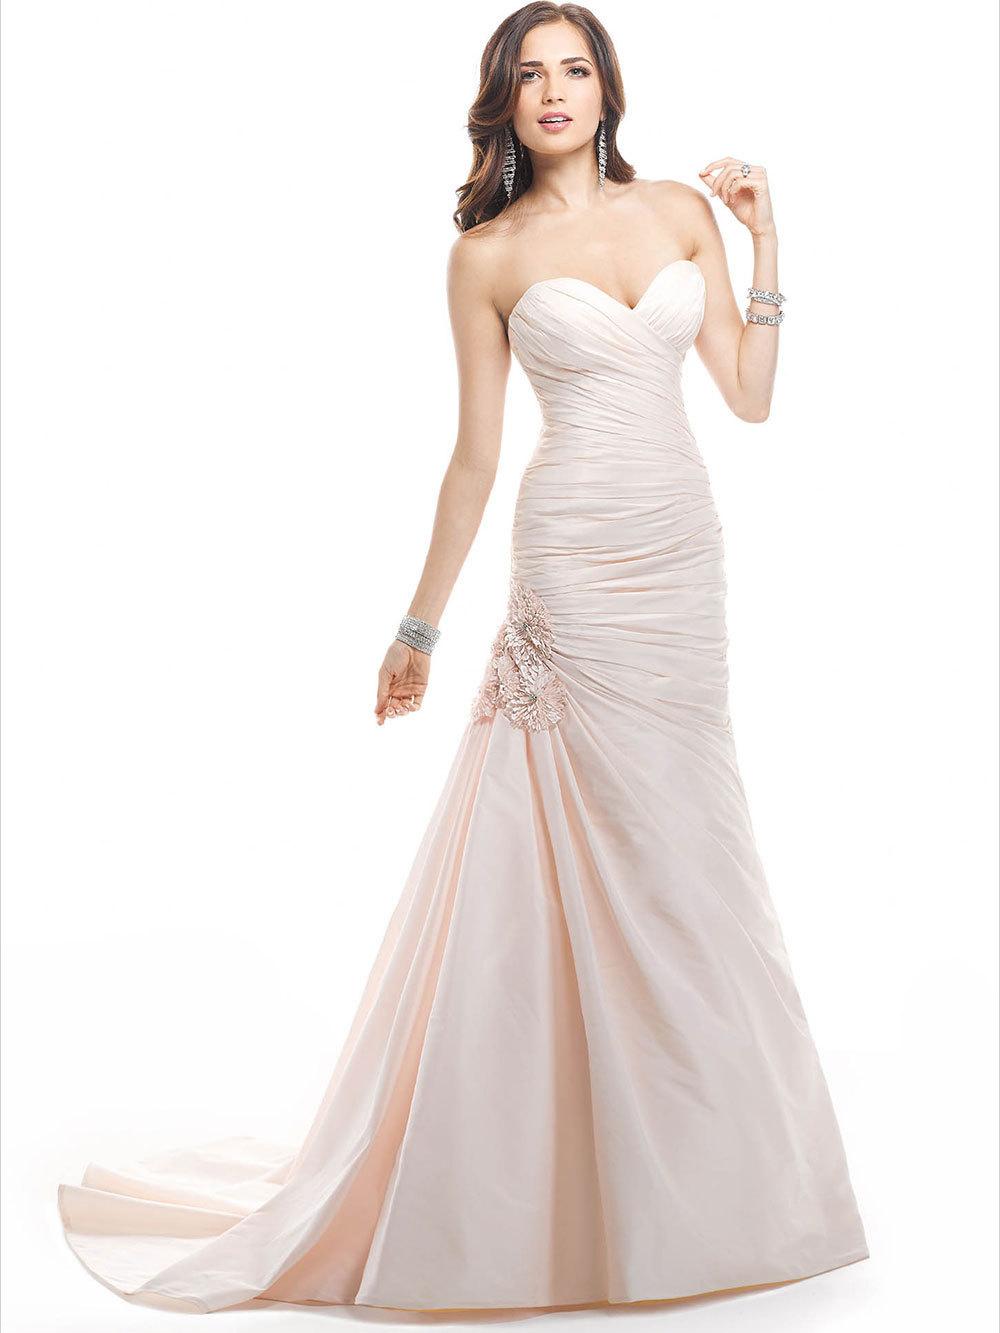 Brautkleid Ramona von Maggie Sottero auf Ja.de